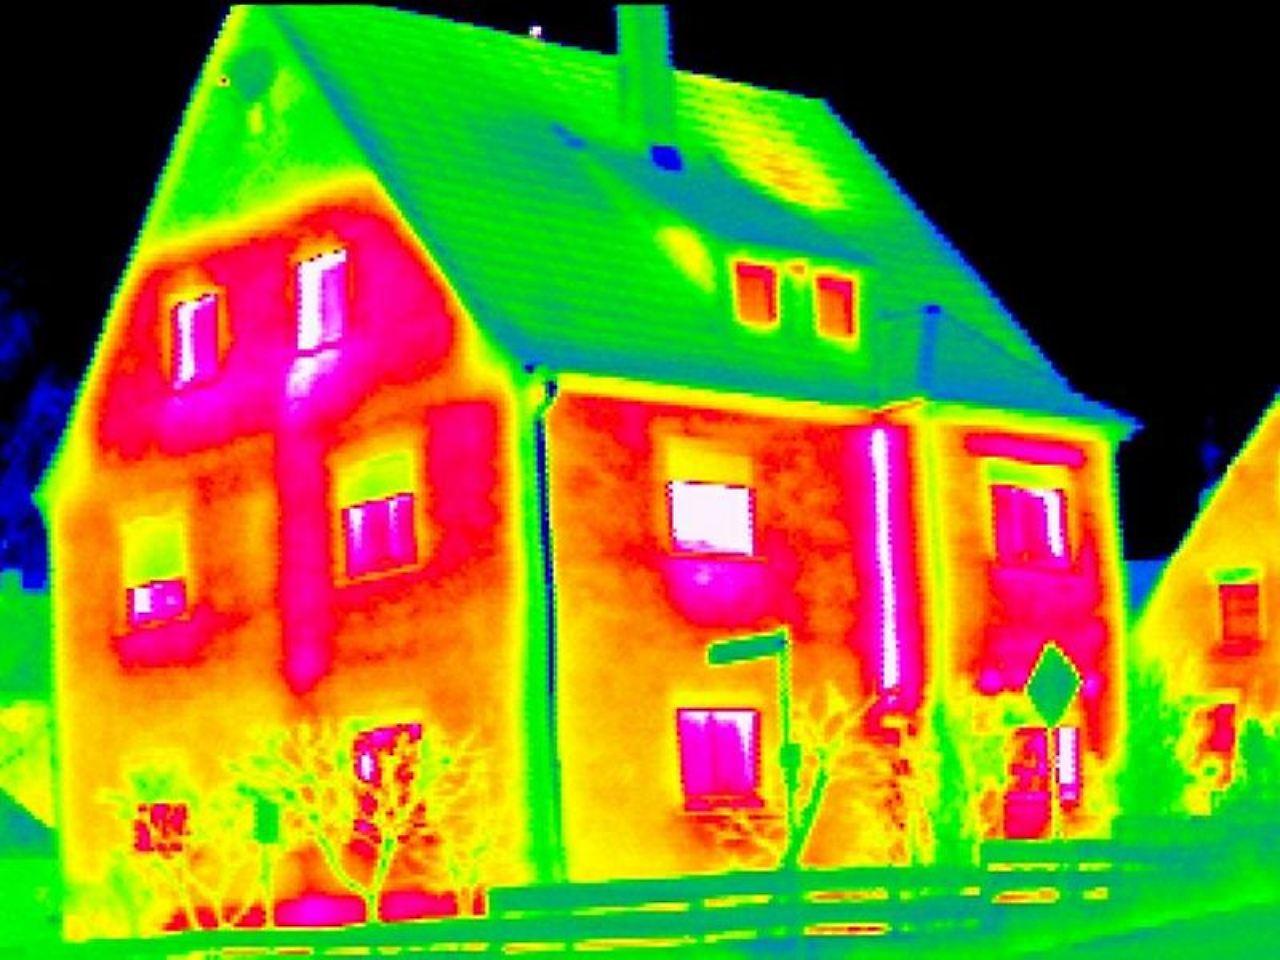 energielecks im haus aufsp ren thermographie an kalten tagen sinnvoll n. Black Bedroom Furniture Sets. Home Design Ideas